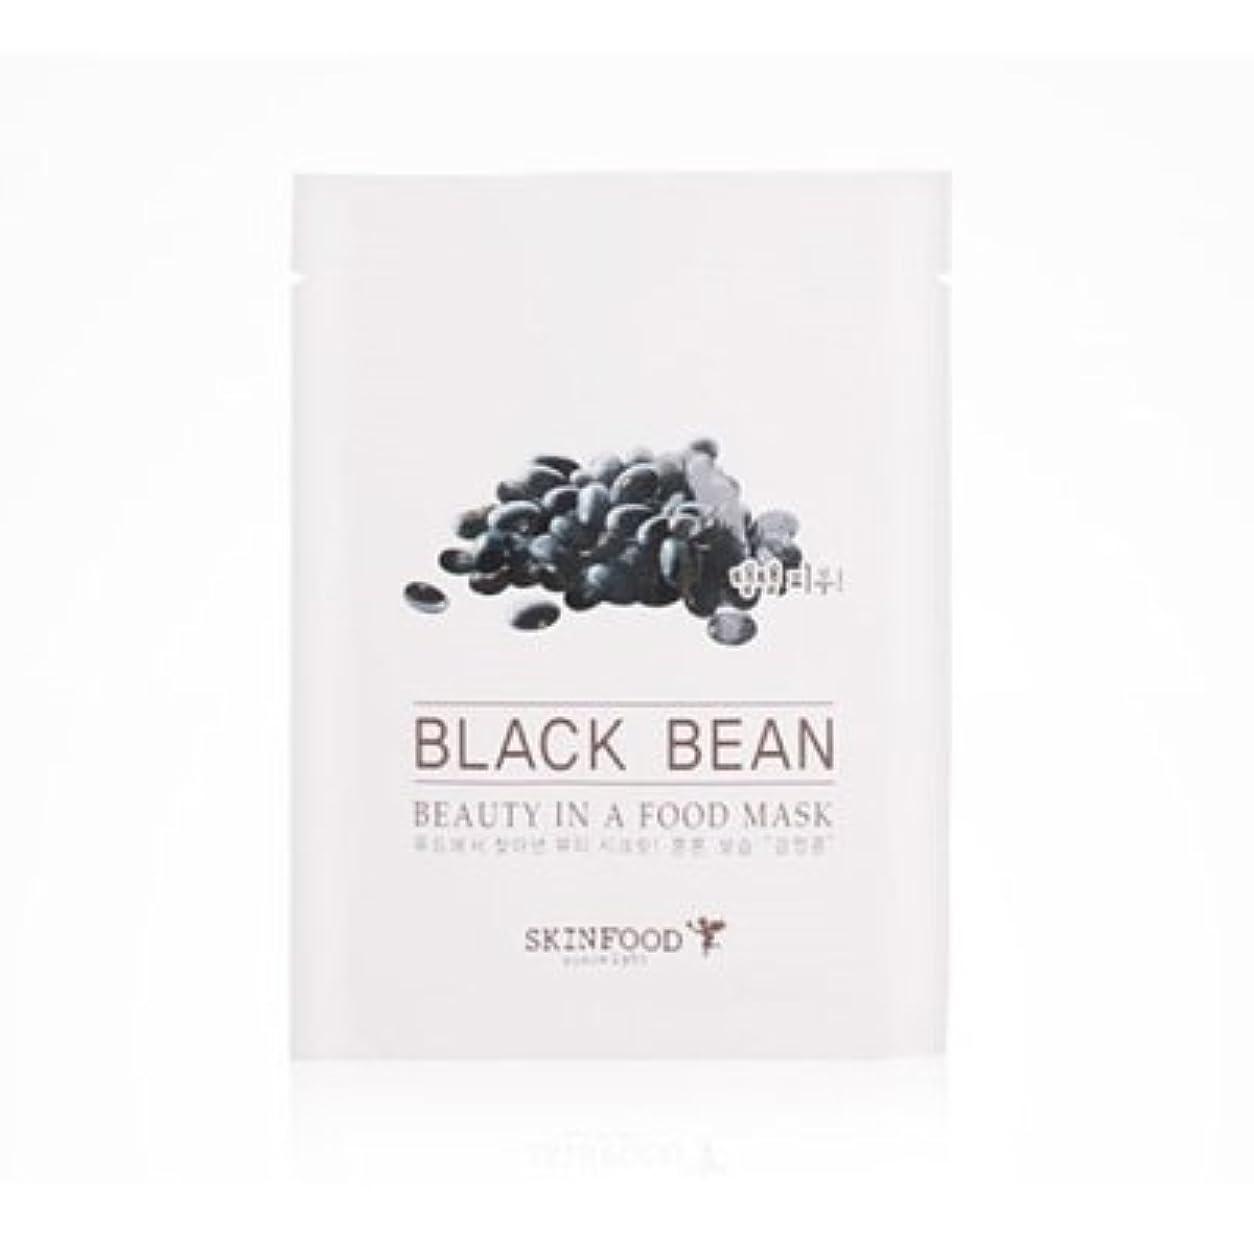 十分放置ダウンSKINFOOD Beauty in a Food Mask Sheet 5EA (BLACK BEAN) / スキンフード ビューティー イン ア フード マスクシート [並行輸入品]